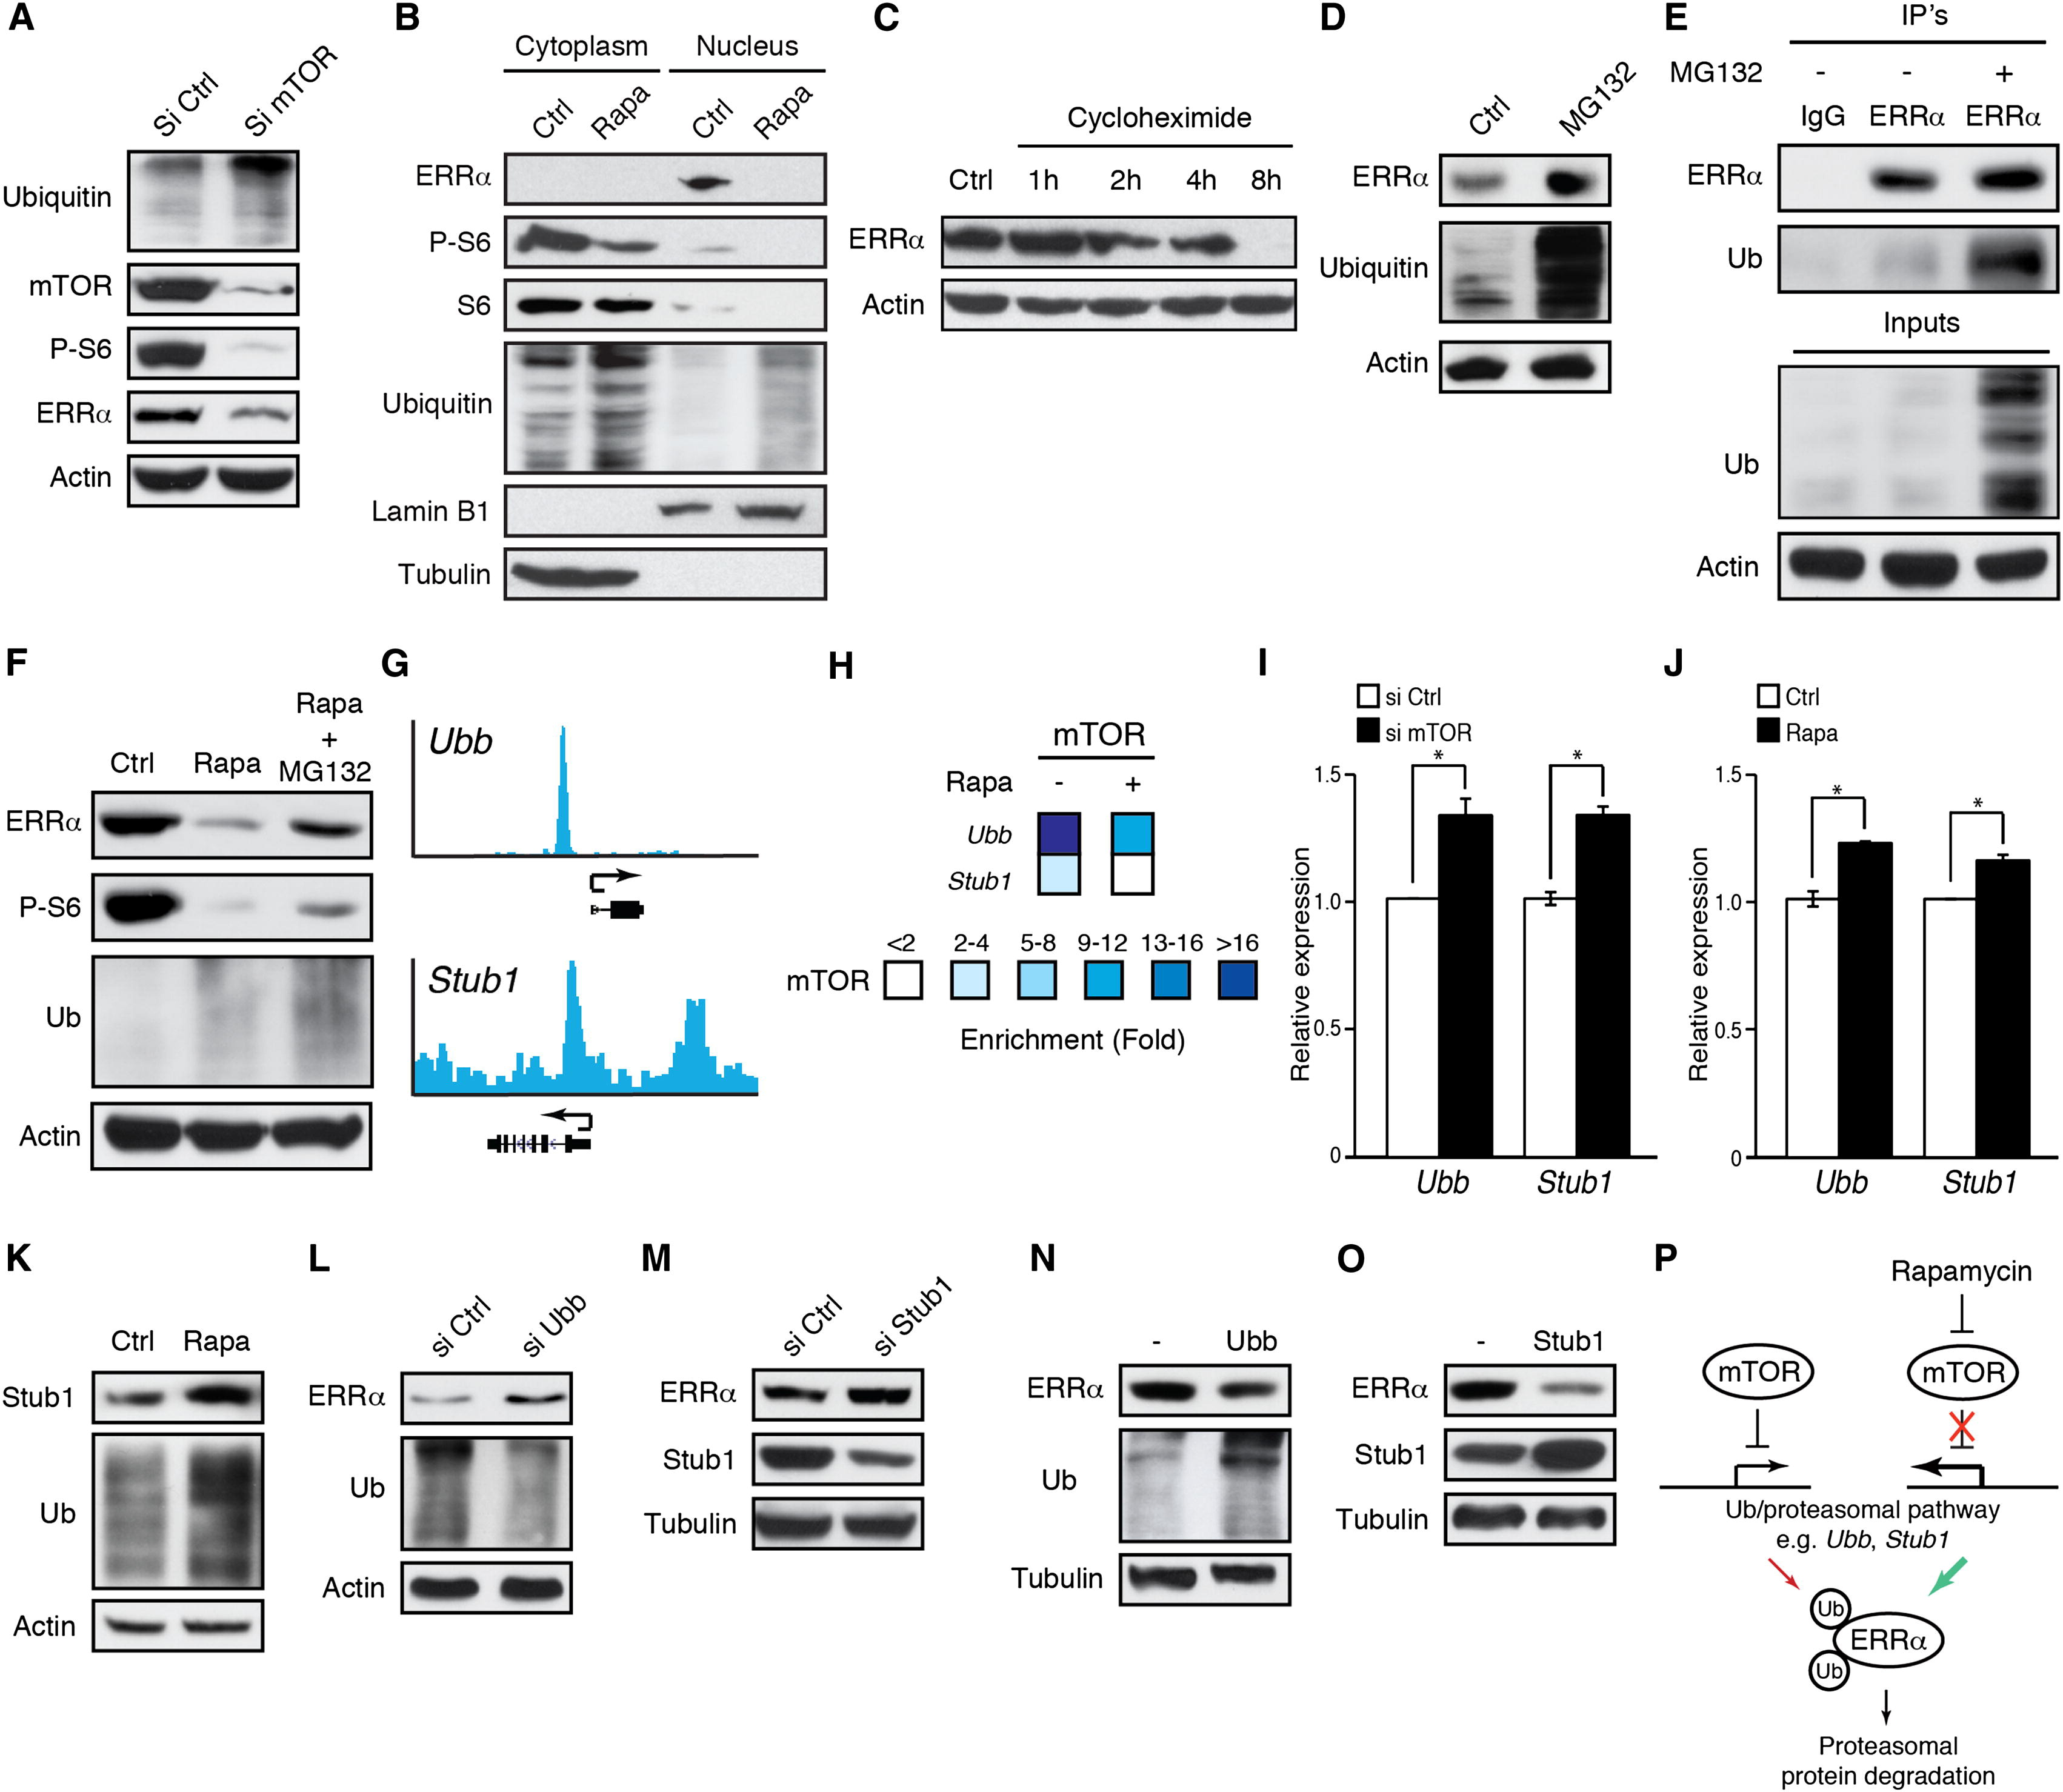 Molecular and Genetic Crosstalks between mTOR and ERRα Are